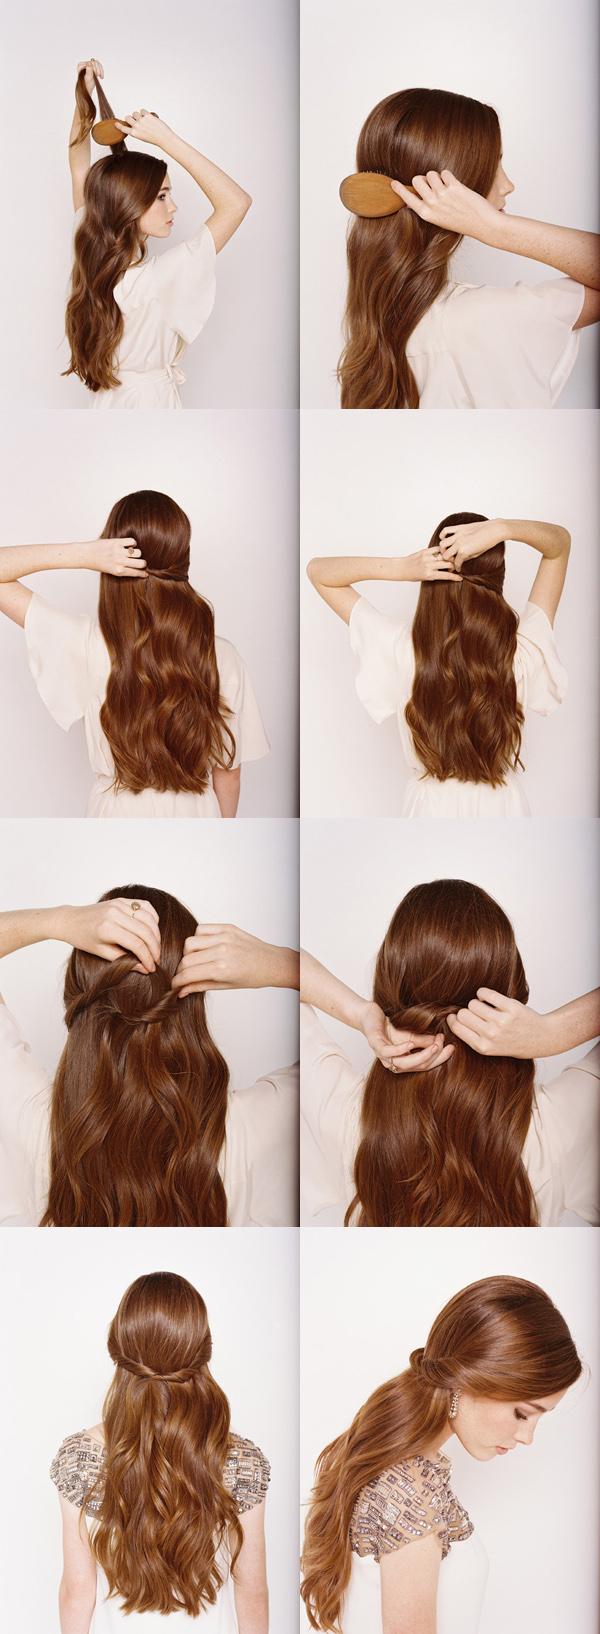 idée de coiffure facile a faire, cheveux longs bouclés, mèches de devant entortillées et croisées derrière, modele de coiffure pour mariage